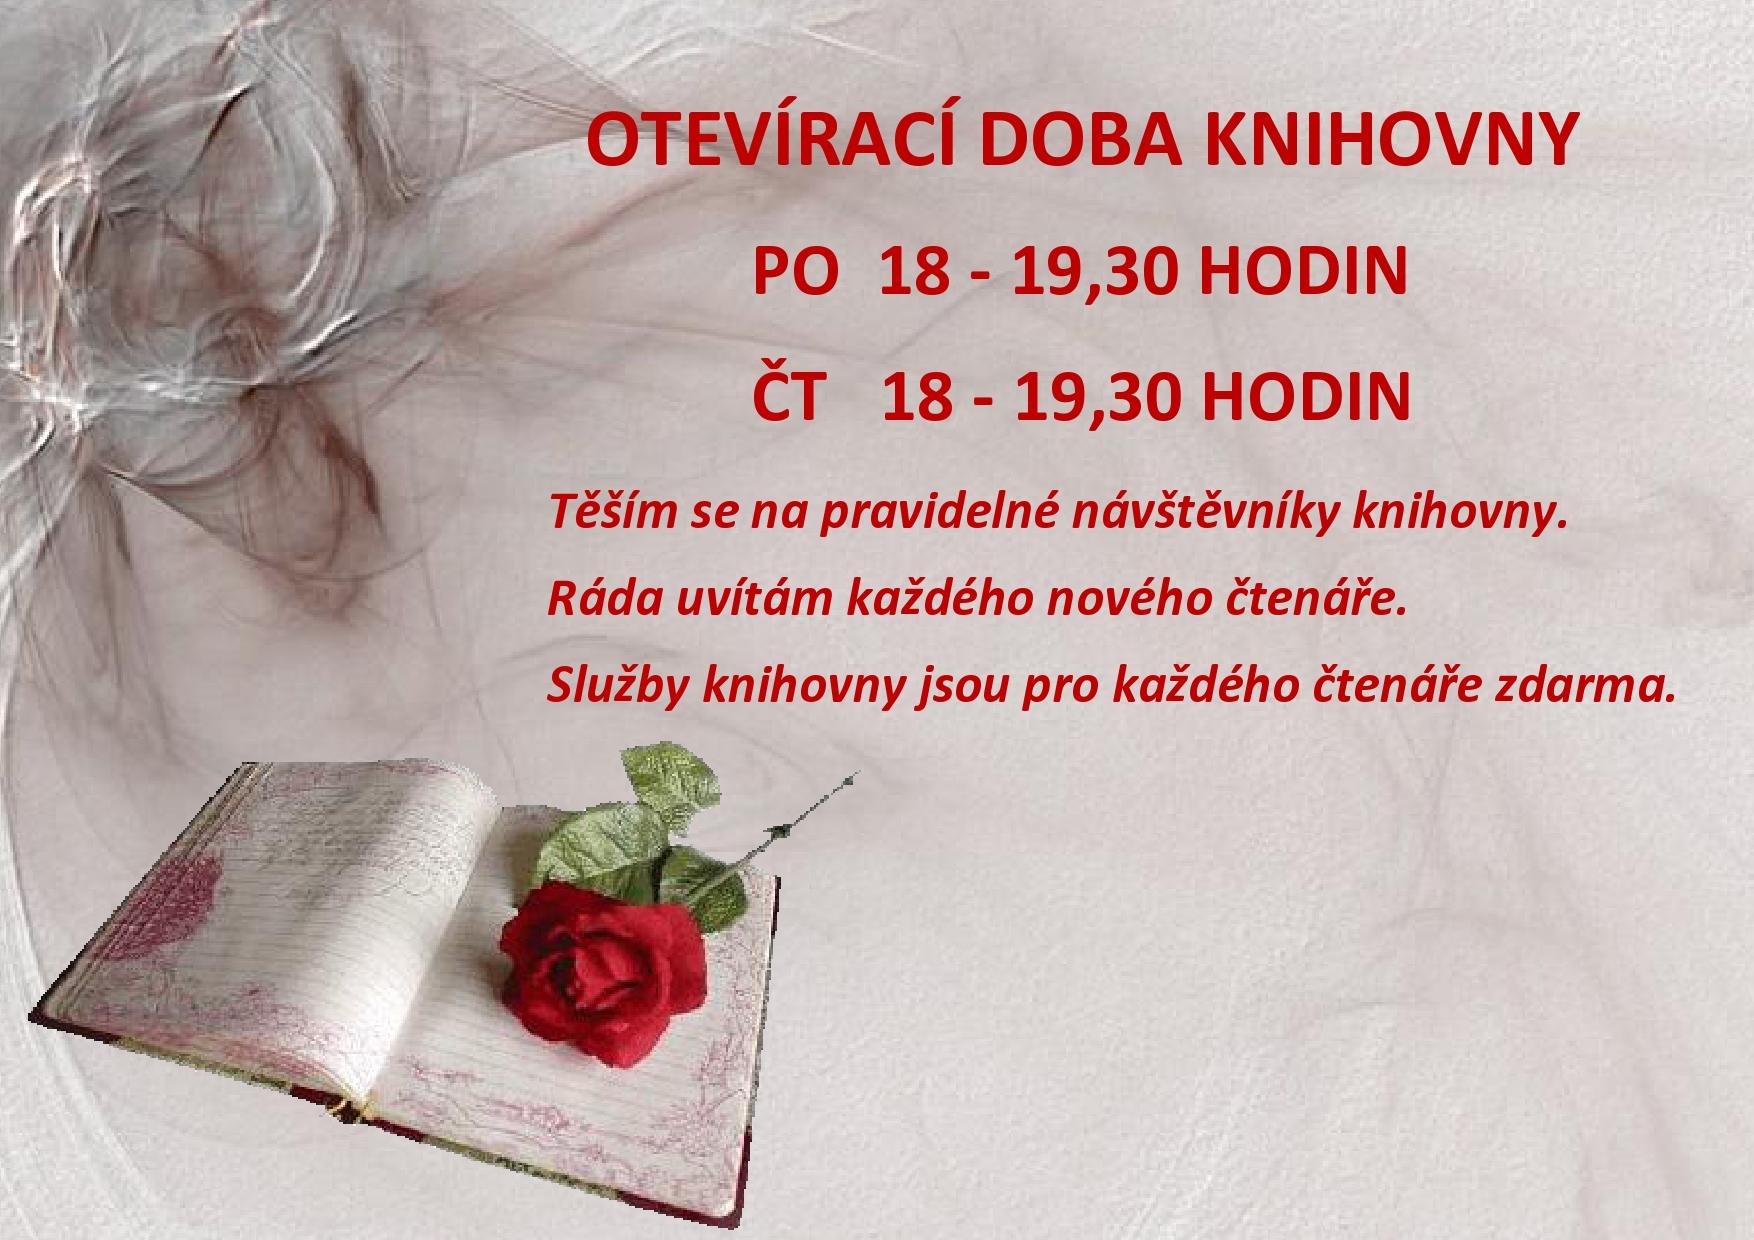 OBRÁZEK : oteviraci_doba_knihovny-page0001.jpg